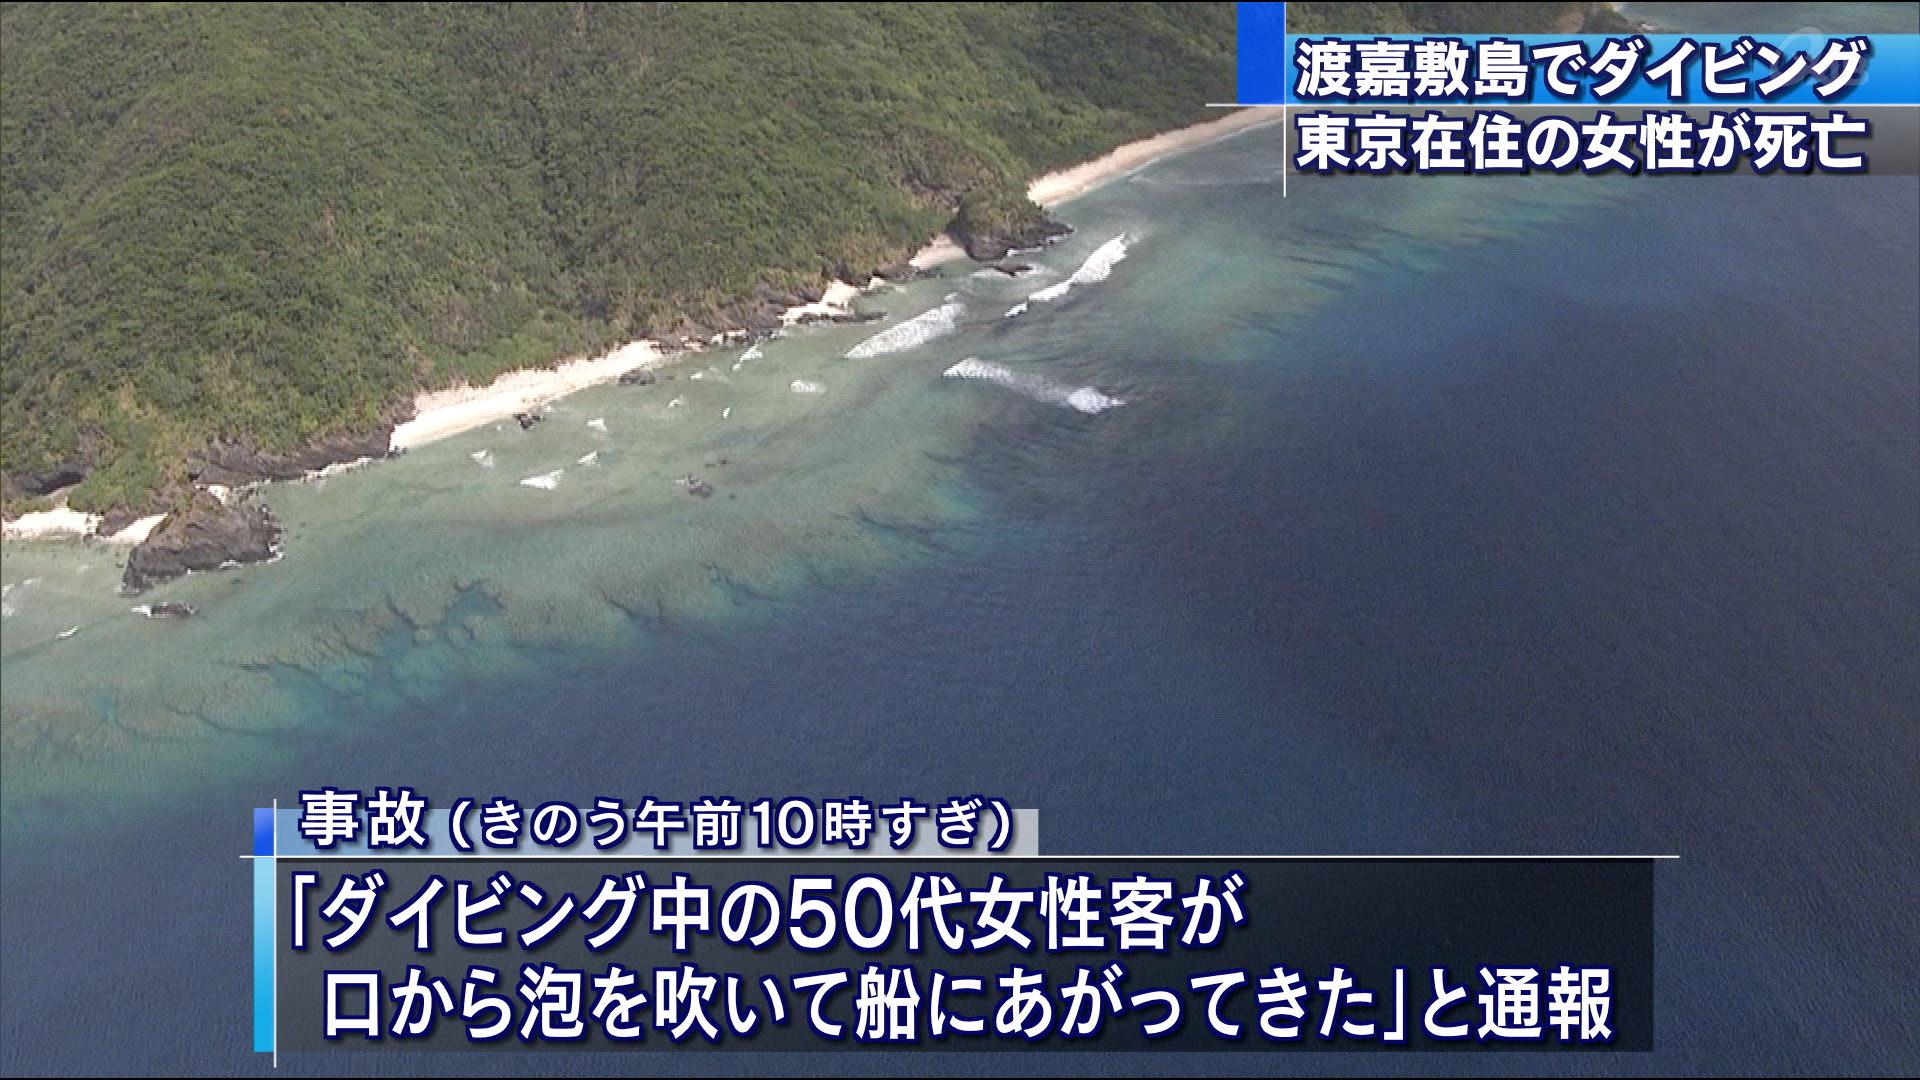 渡嘉敷島でダイビング中の女性が死亡